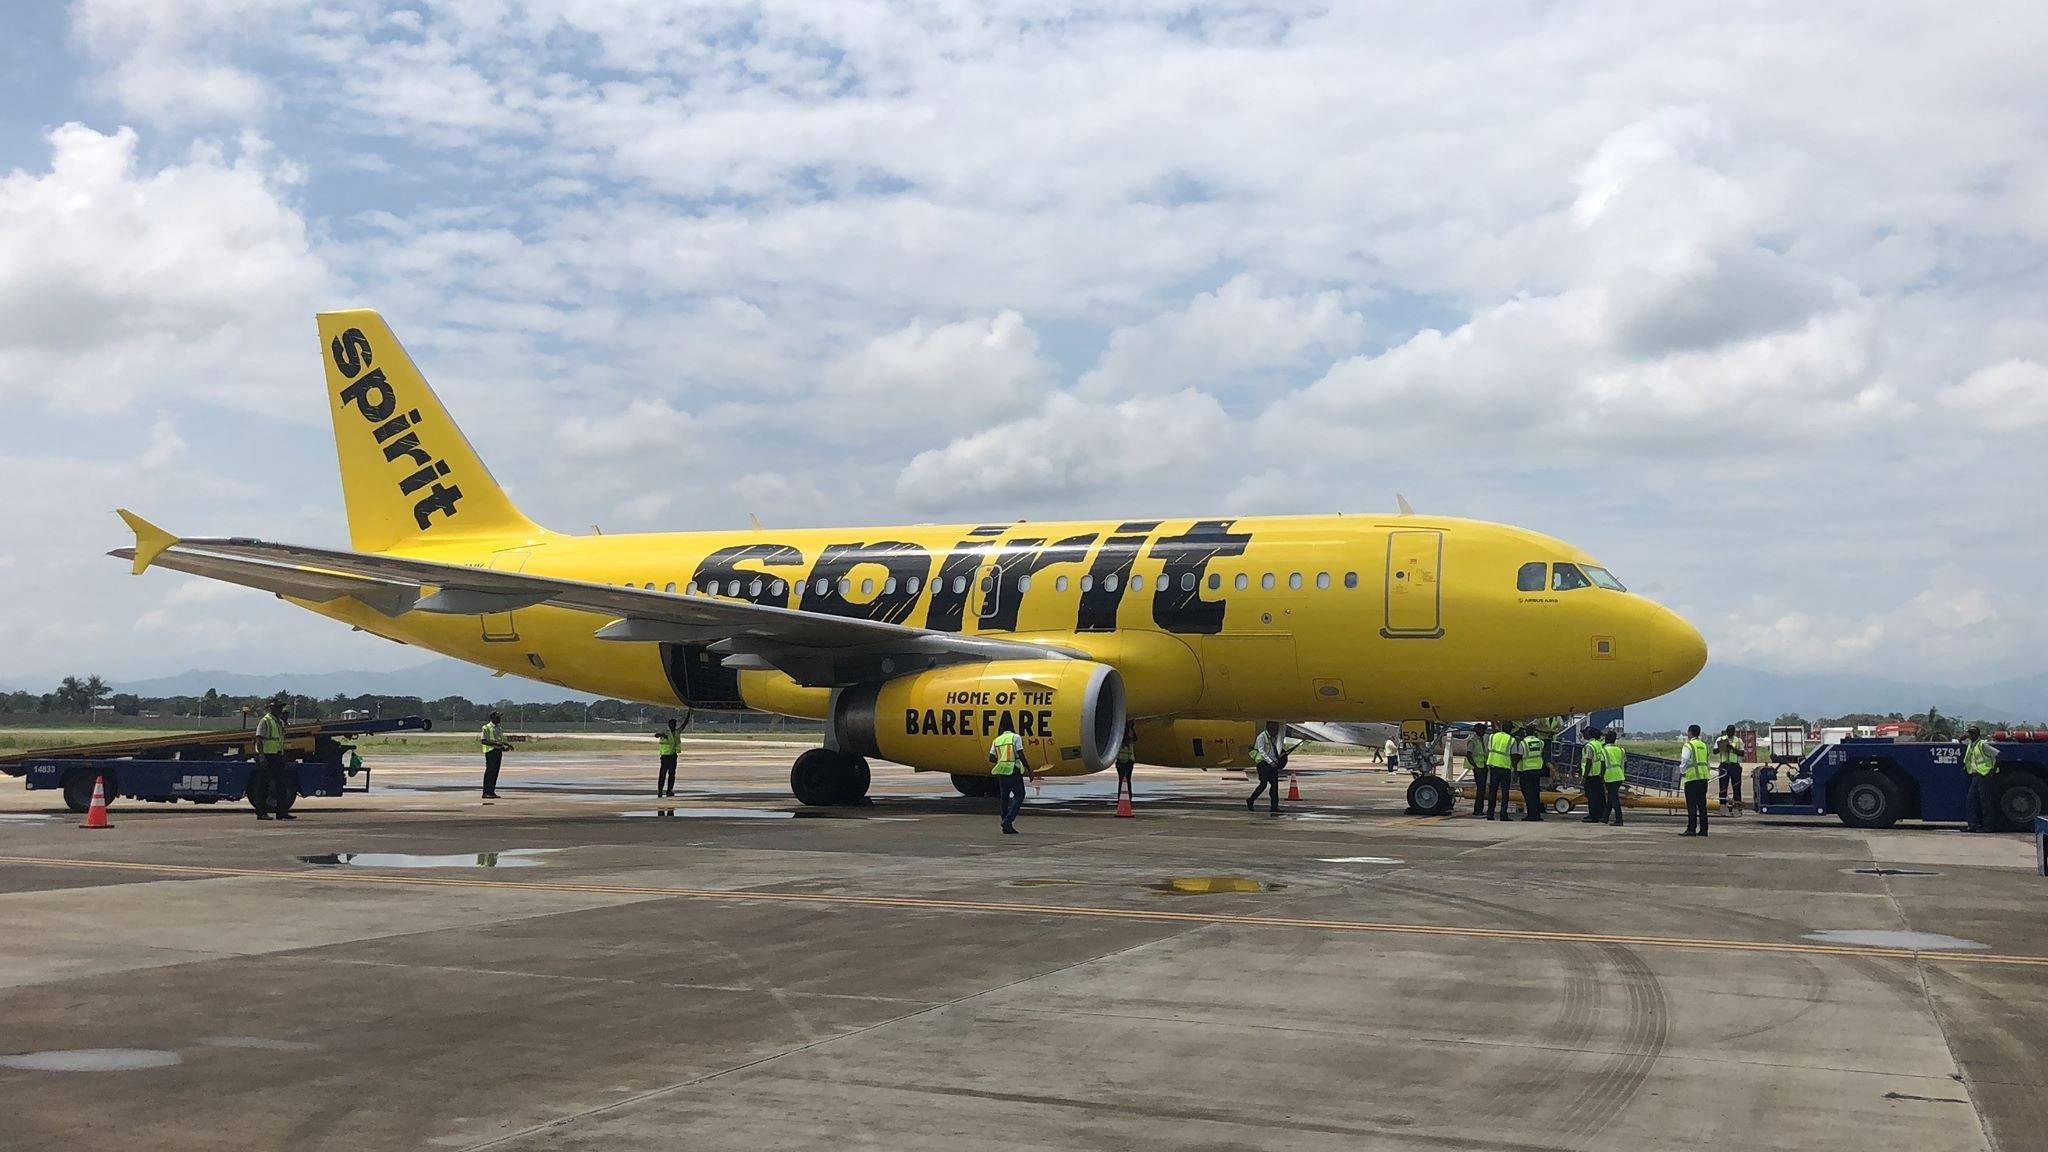 La compagnie aérienne Spirit coupera, en juin 2018, la liaison Fort-Lauderdale-Cap-Haitien.